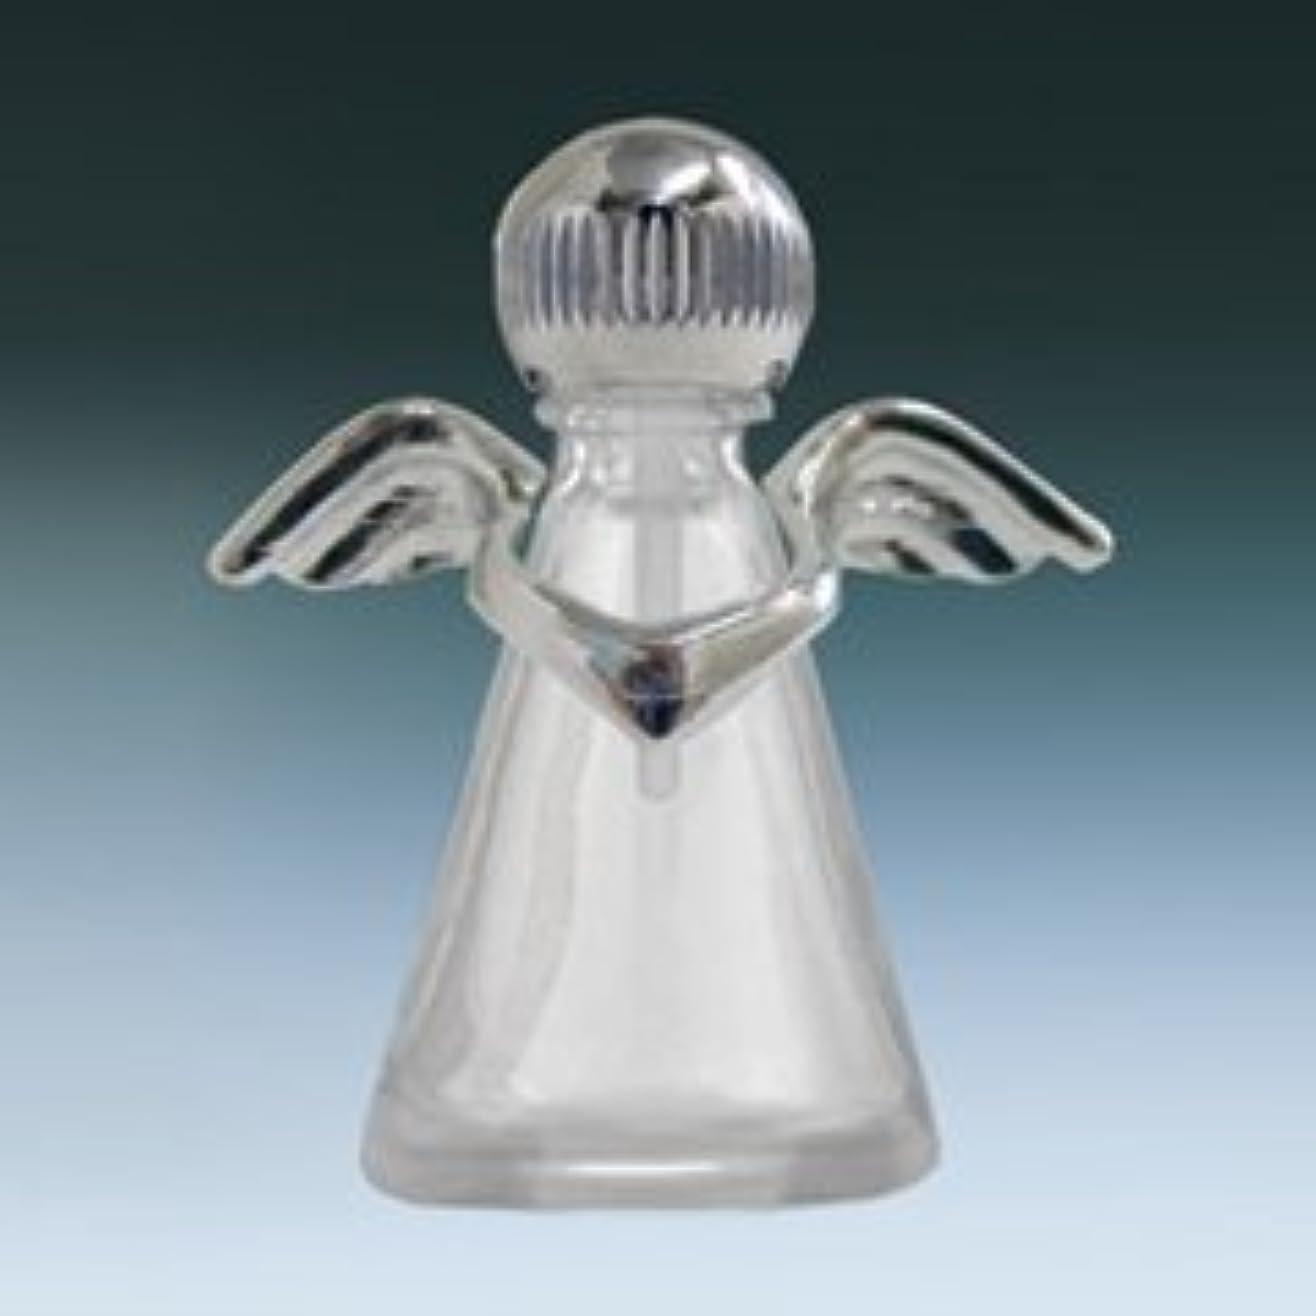 既婚逆さまにあなたのもの【ヤマダアトマイザー】パフュームボトル 小ビン 10675 天使 クリア シルバー 約2.5ml